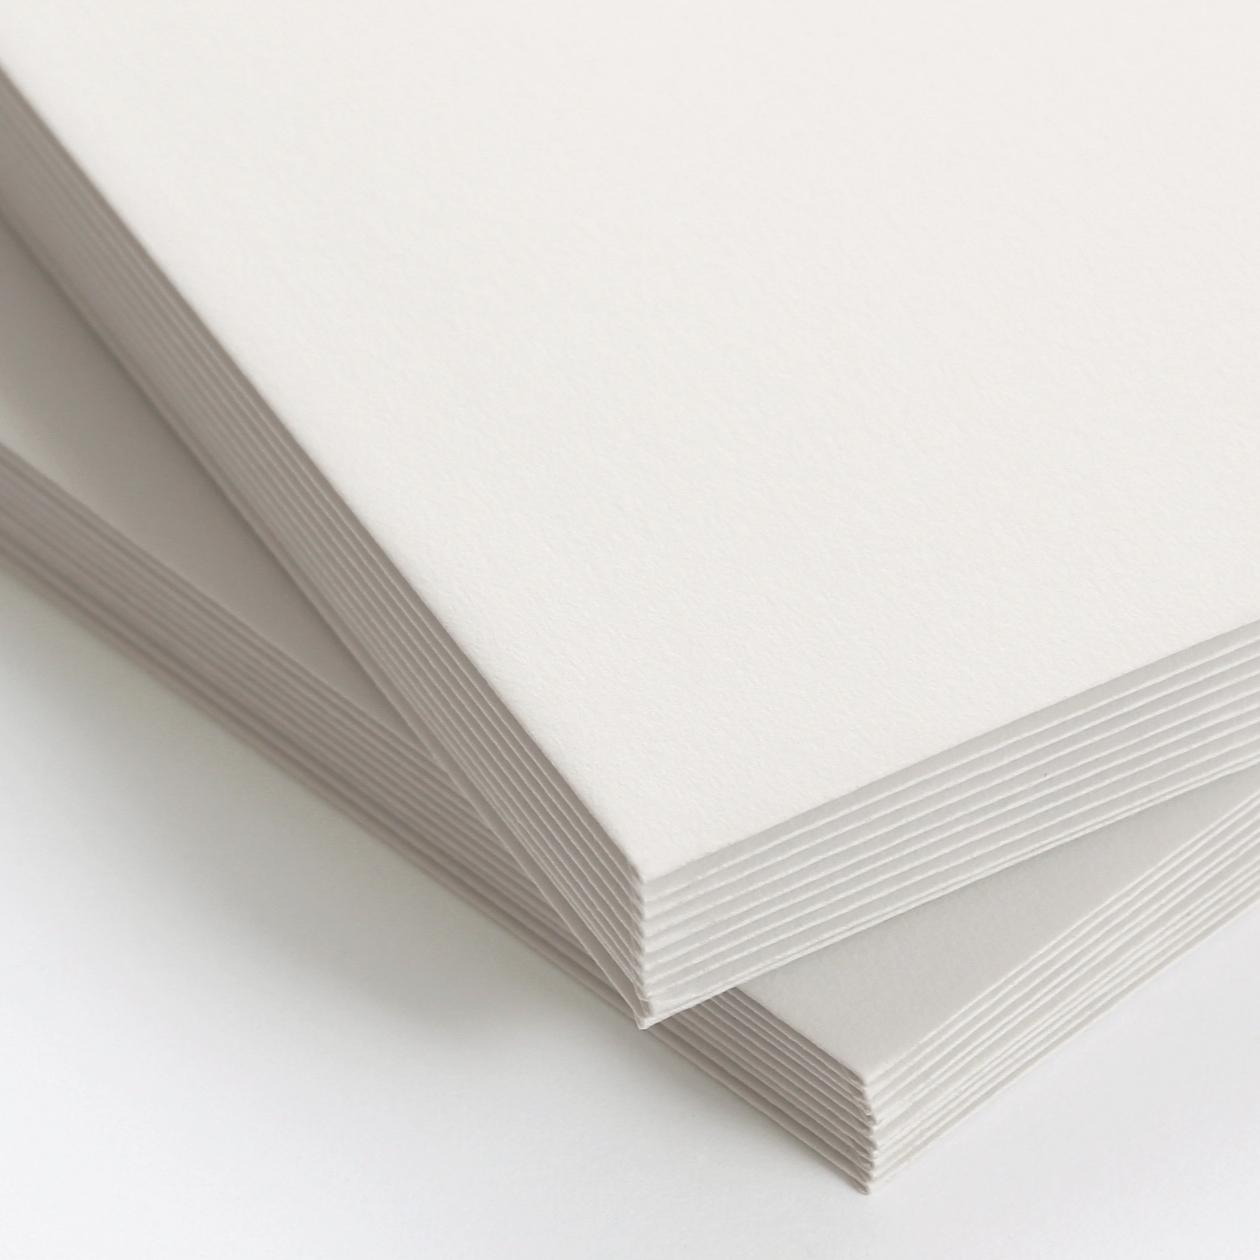 角6カマス封筒 コットン ライトグレイ 116.3g